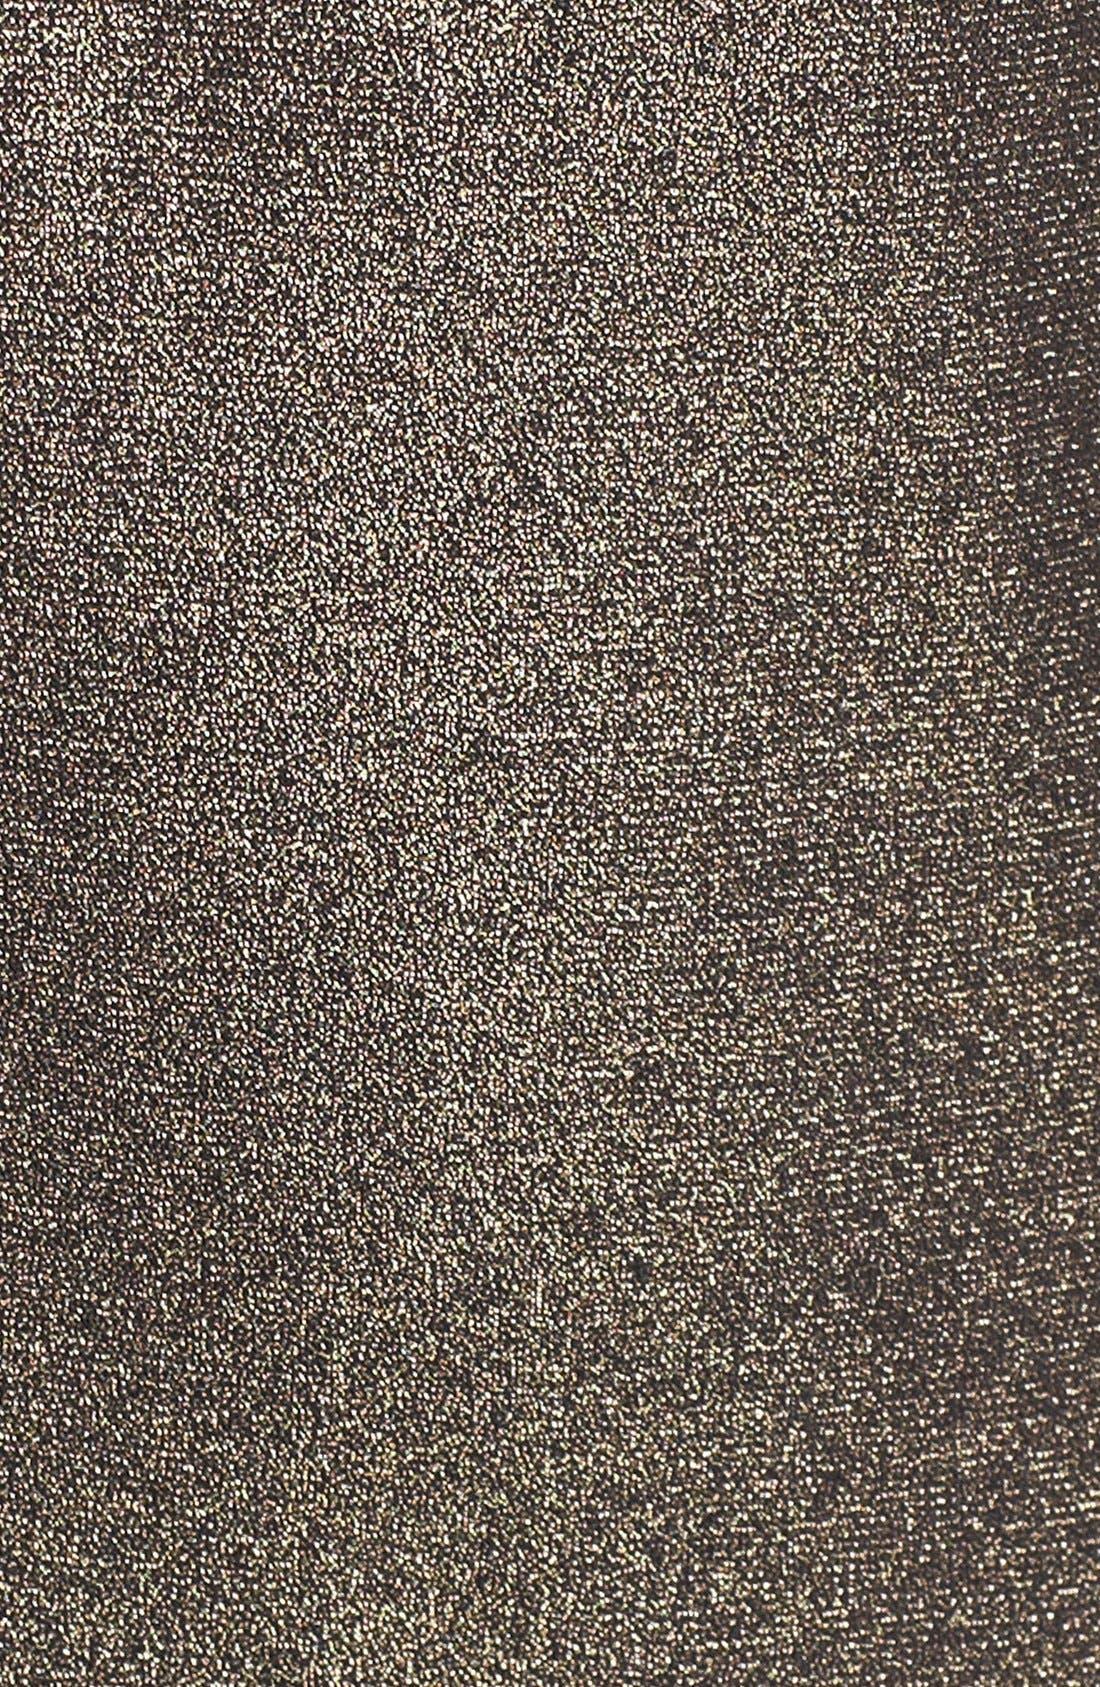 Alternate Image 3  - Ellen Tracy Side Knot Metallic Jersey Sheath Dress